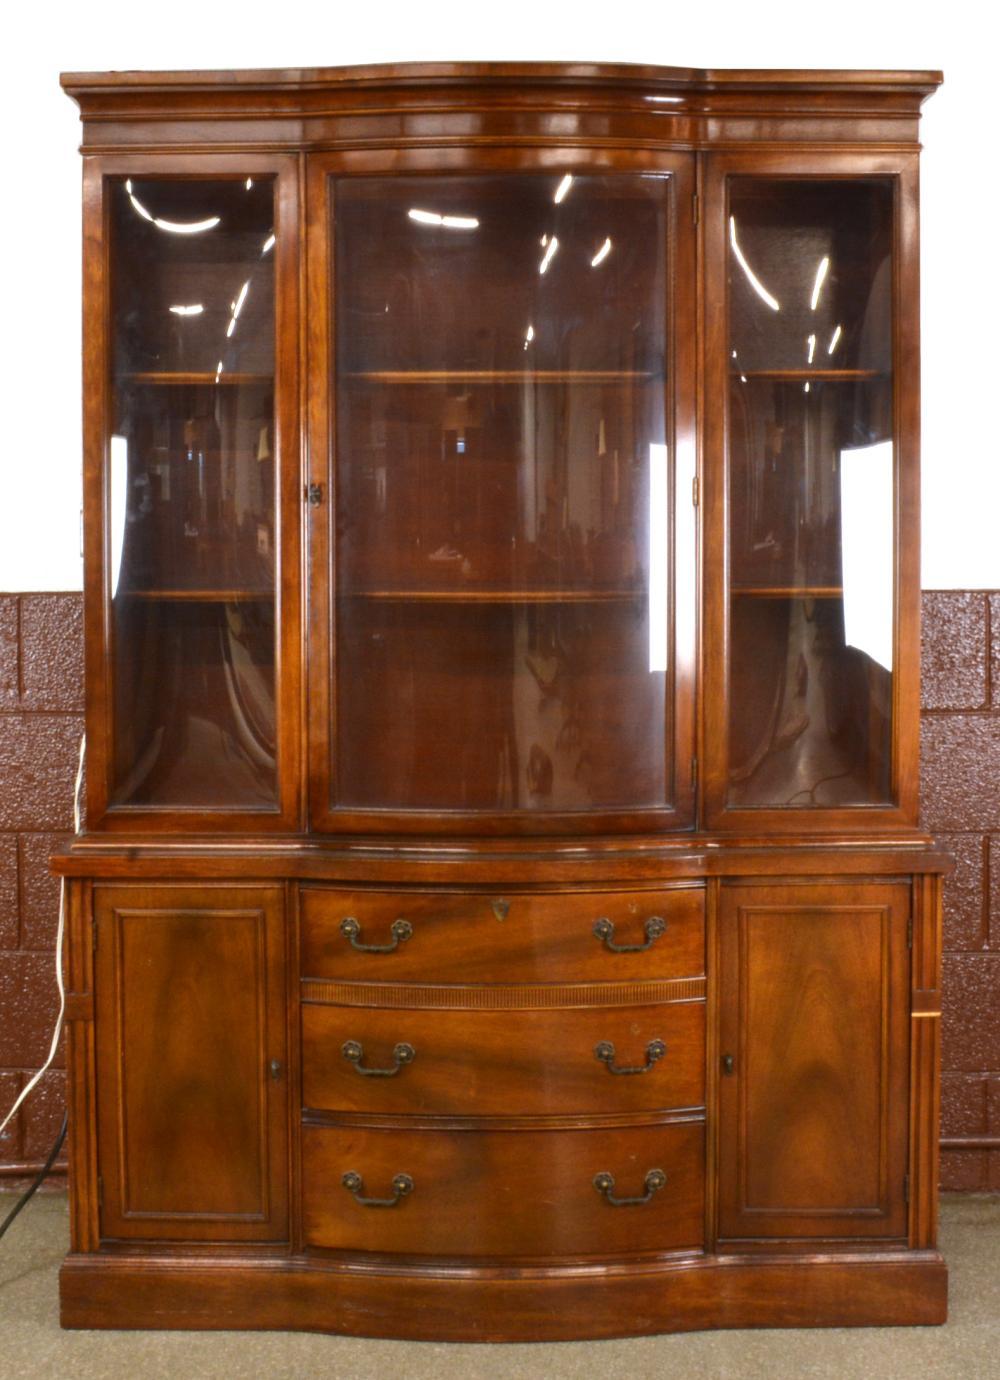 Sold Formal Mahogany Dining Room, Mahogany Dining Room Cabinet